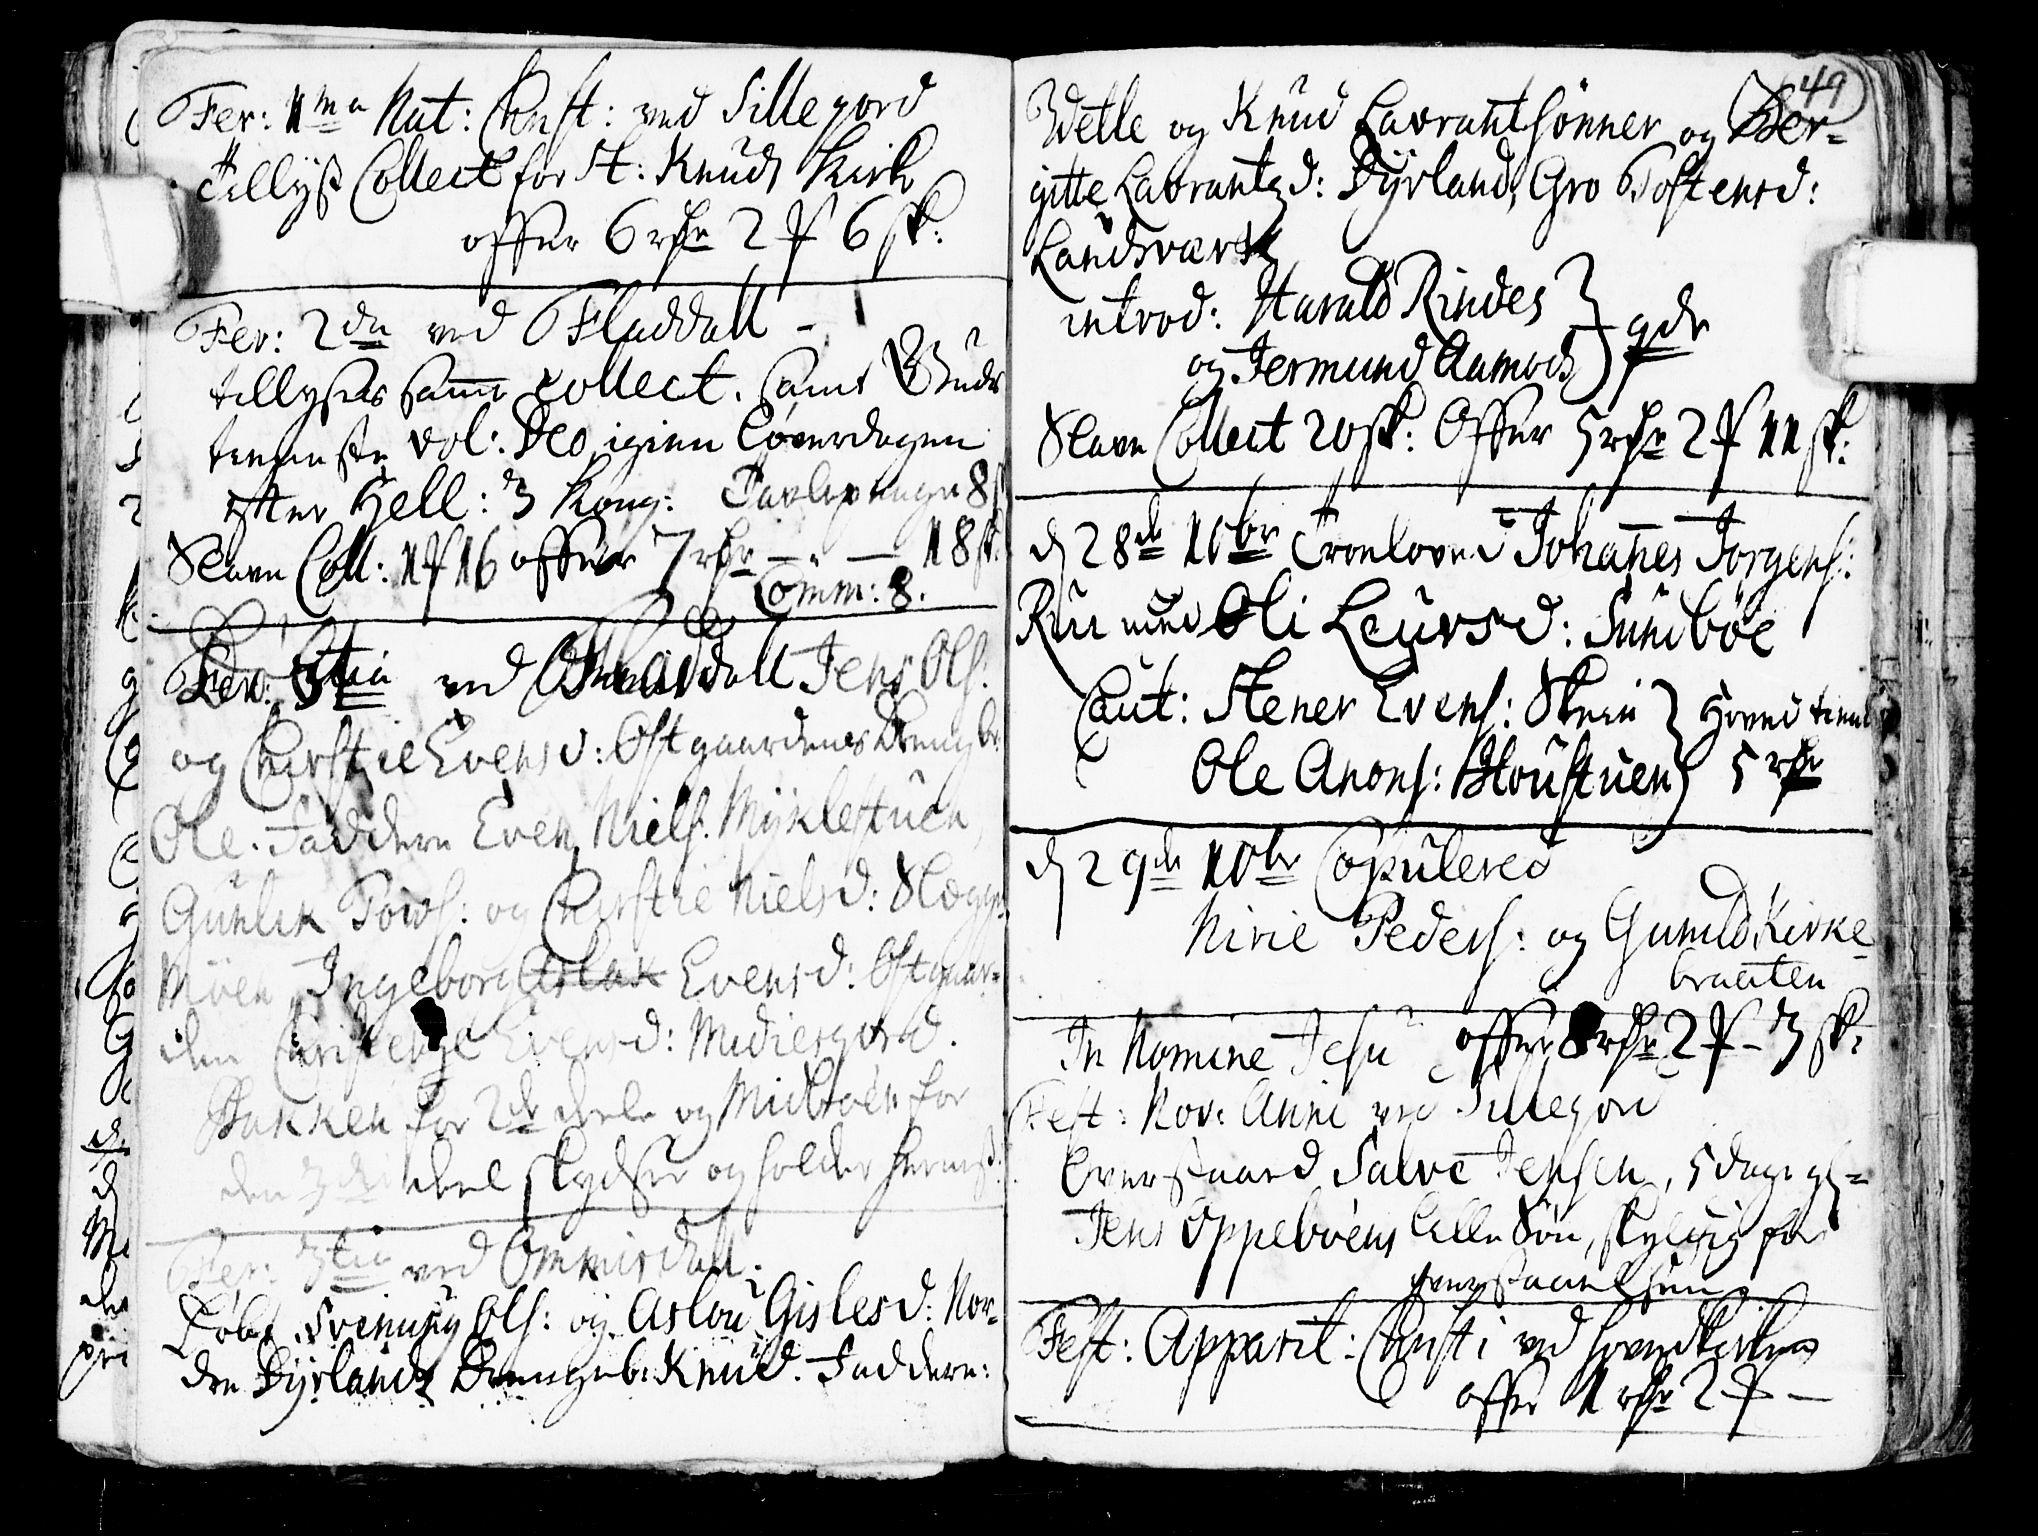 SAKO, Seljord kirkebøker, G/Gb/L0001: Klokkerbok nr. II 1, 1754-1790, s. 48-49